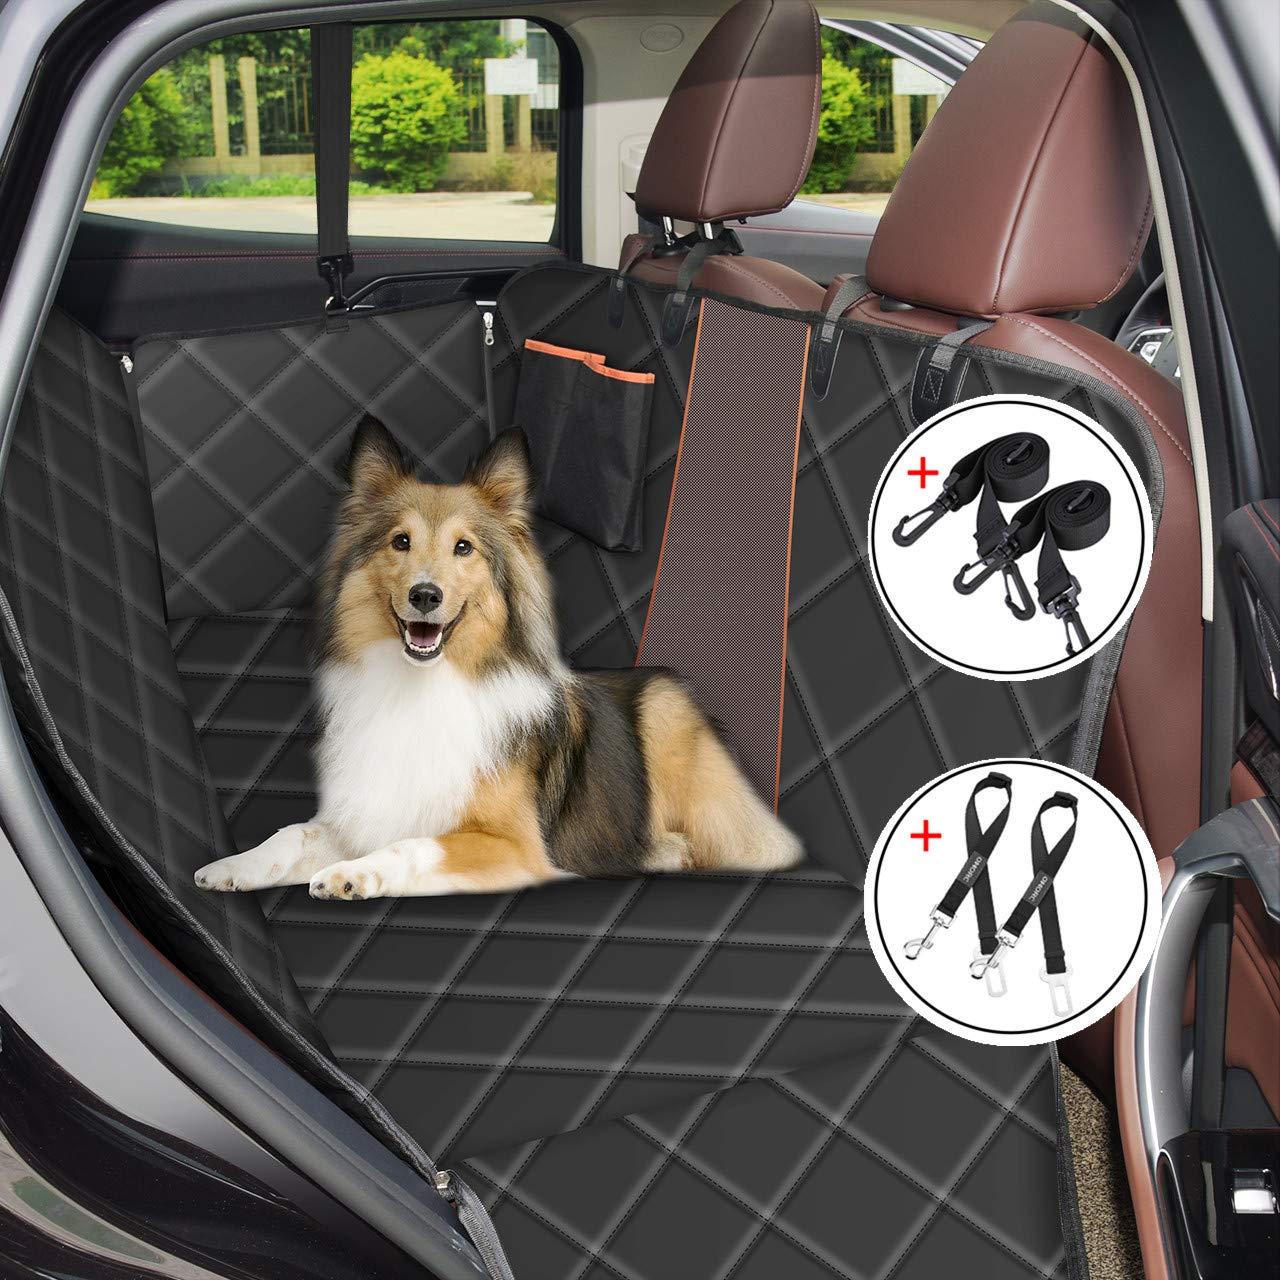 Housse de protection de voiture pour chien (vendeur tiers)